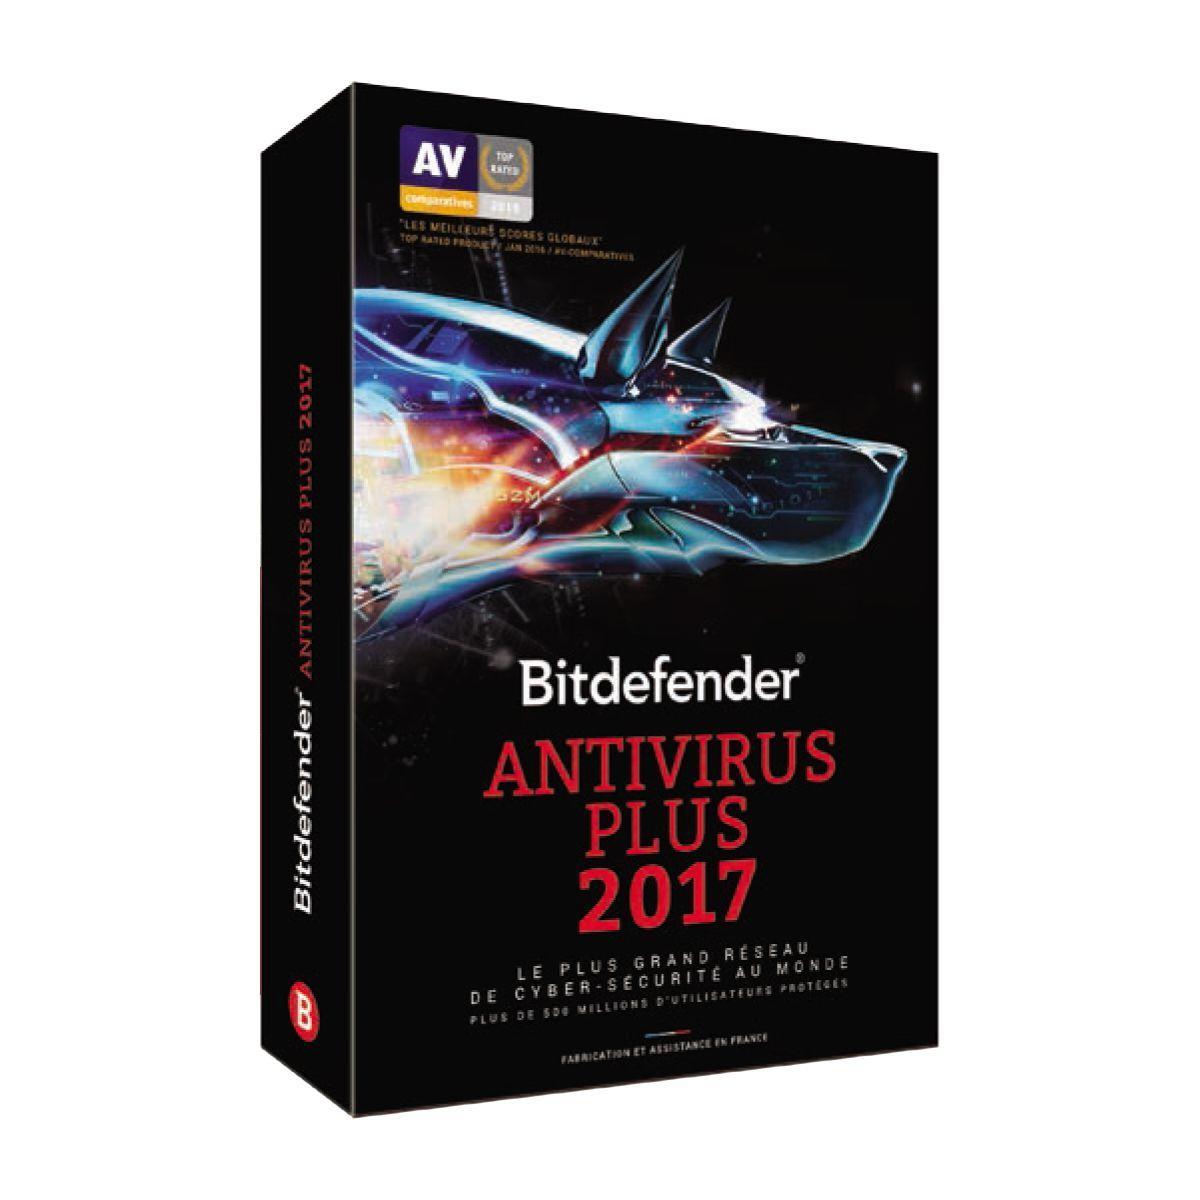 Logiciel pc bitdefender antivirus plus 2017 - - 10% de remise immédiate avec le code : cash10 (photo)